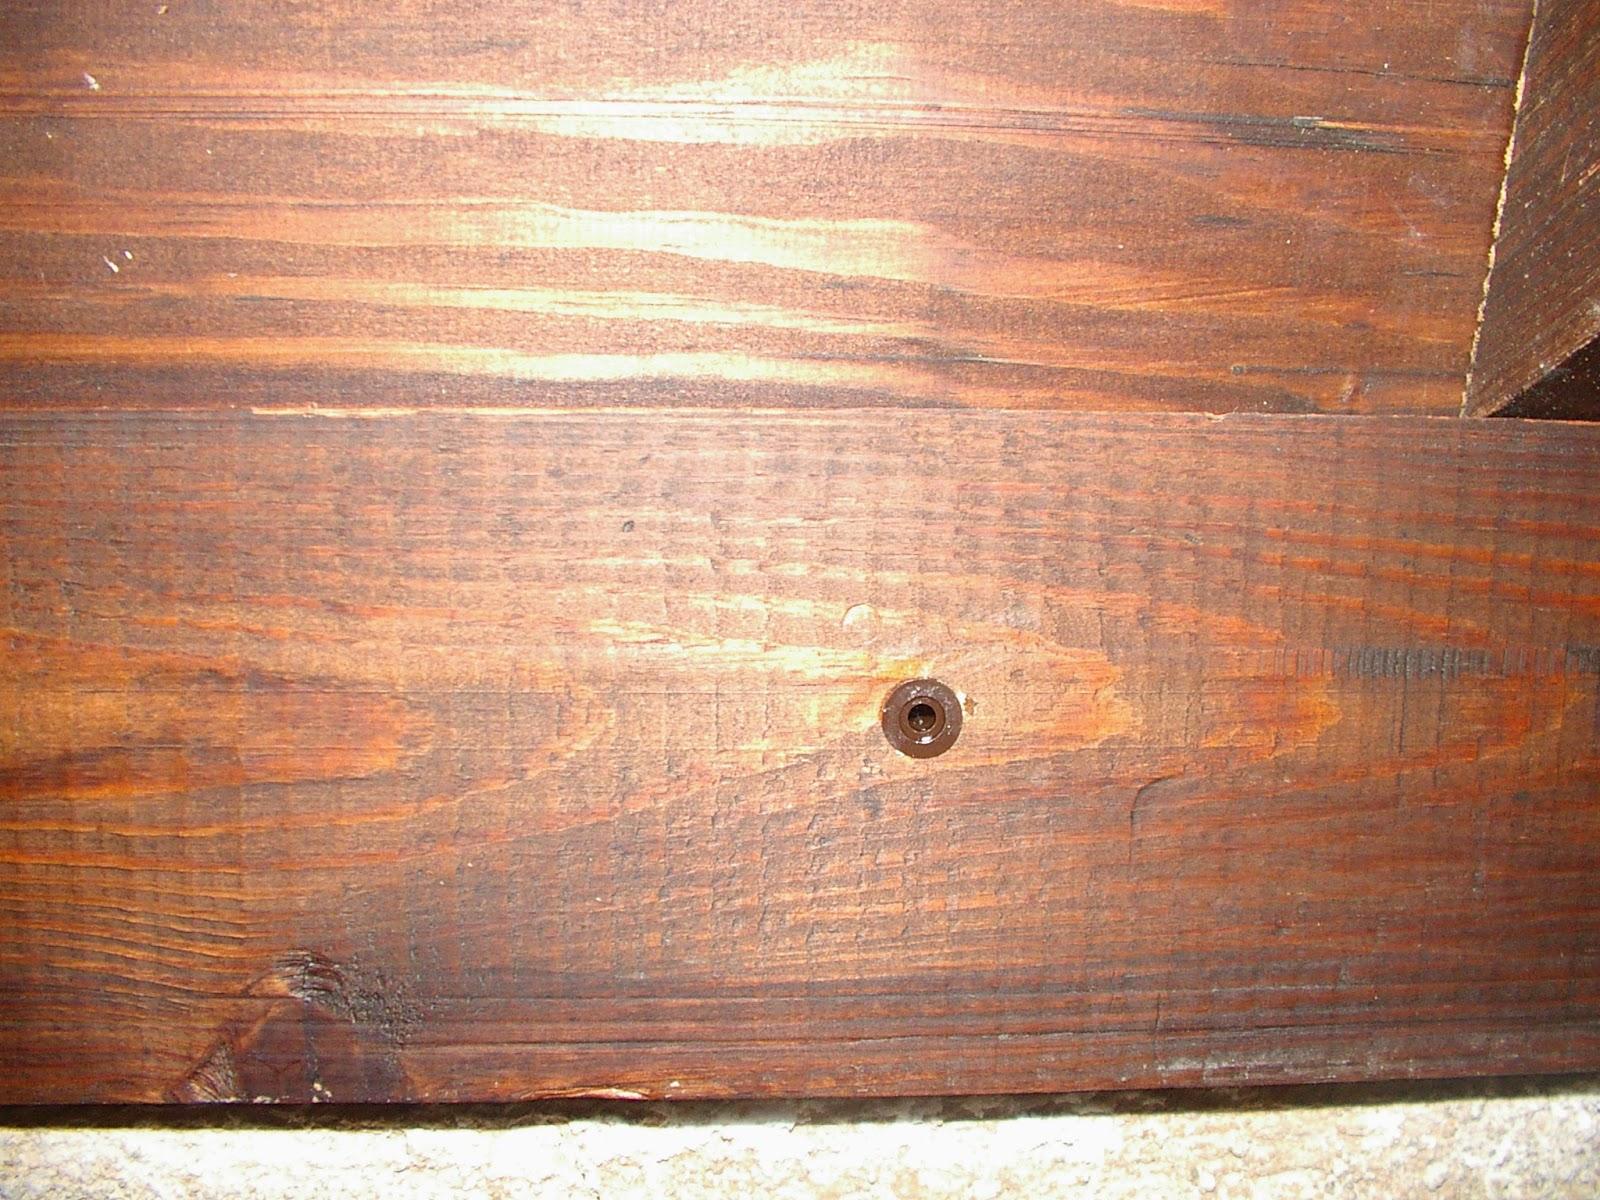 Arte de cuidar la madera tratamiento contra la carcoma - Tratamientos para la madera ...